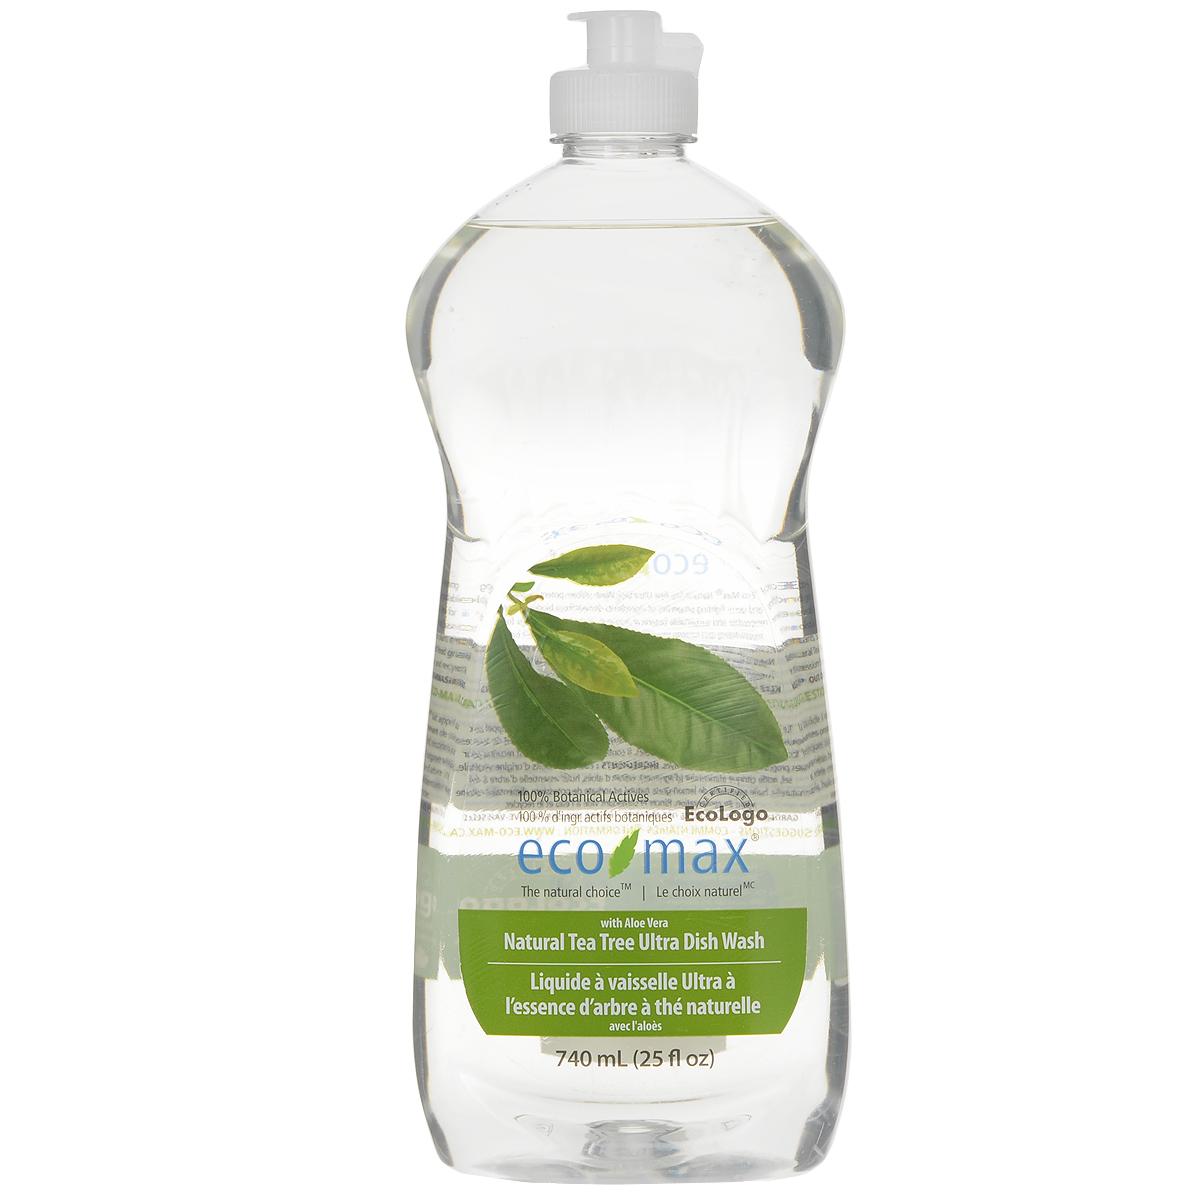 Средство для мытья посуды Eco Max Чайное дерево, 740 млEmax-C108Средство для мытья посуды Eco Max - натуральное средство на 100% растительной основе, полностью биоразлагаемое. В этом средстве используются активные чистящие вещества ингредиентов, полученных из биоразлагаемых и возобновляемых растительных источников. Содержит алоэ вера, обладающее увлажняющими и заживляющими свойствами. Натуральное эфирное масло придает посуде свежий аромат. Состав: вода, ПАВ растительного происхождения, растительный экстракт алоэ вера, соль, пищевой сорбат калия в качестве консерванта, пищевая лимонная кислота (из плодов лимона), натуральное эфирное масло чайного дерева, натуральное эфирное масло лемонграсса. Товар сертифицирован. Как выбрать качественную бытовую химию, безопасную для природы и людей. Статья OZON Гид